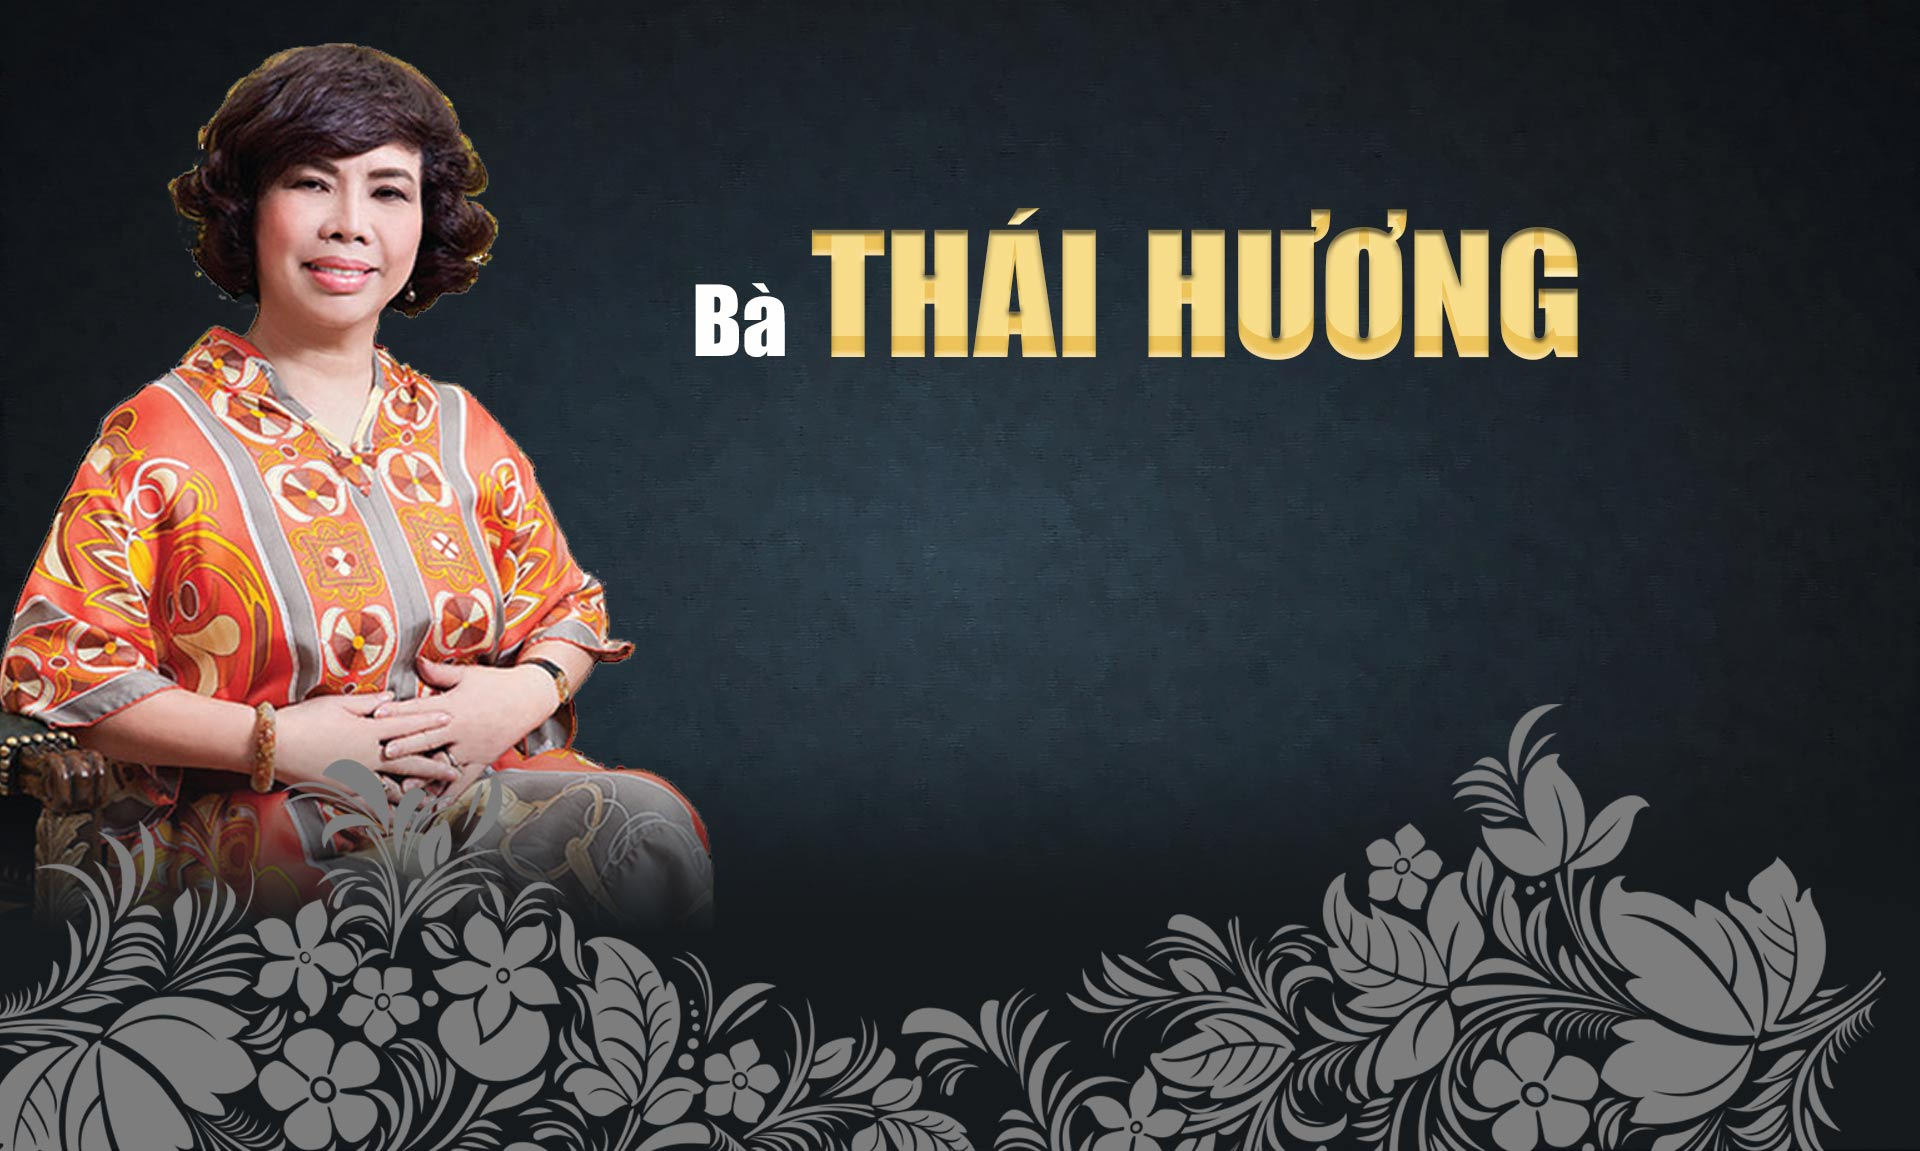 10 phụ nữ Việt gây choáng bởi sự giàu có, giỏi giang và quyền lực - 18